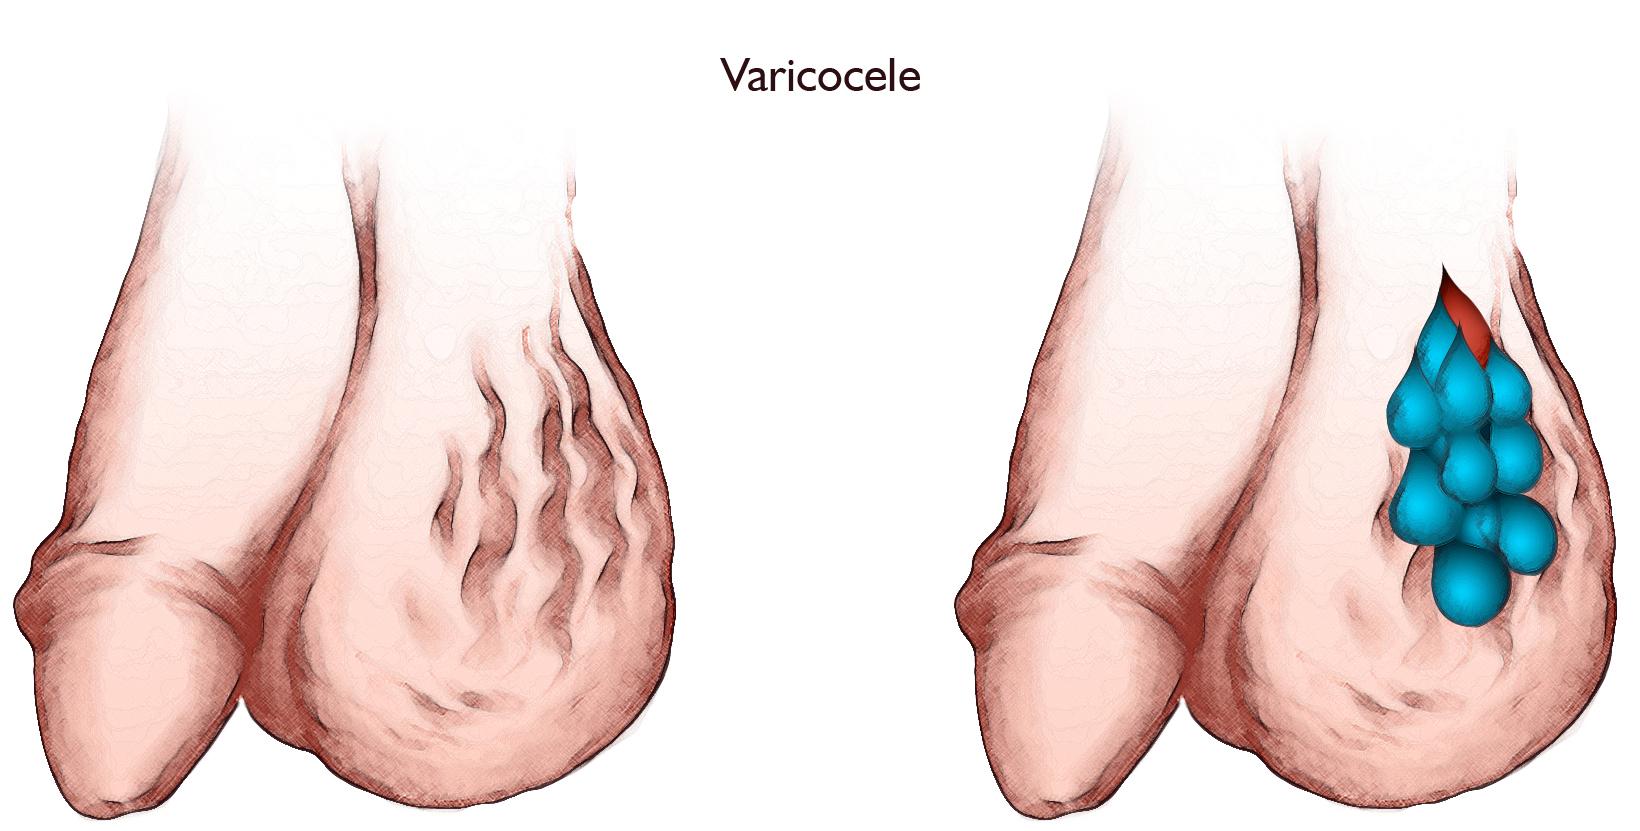 Varicocele rendering